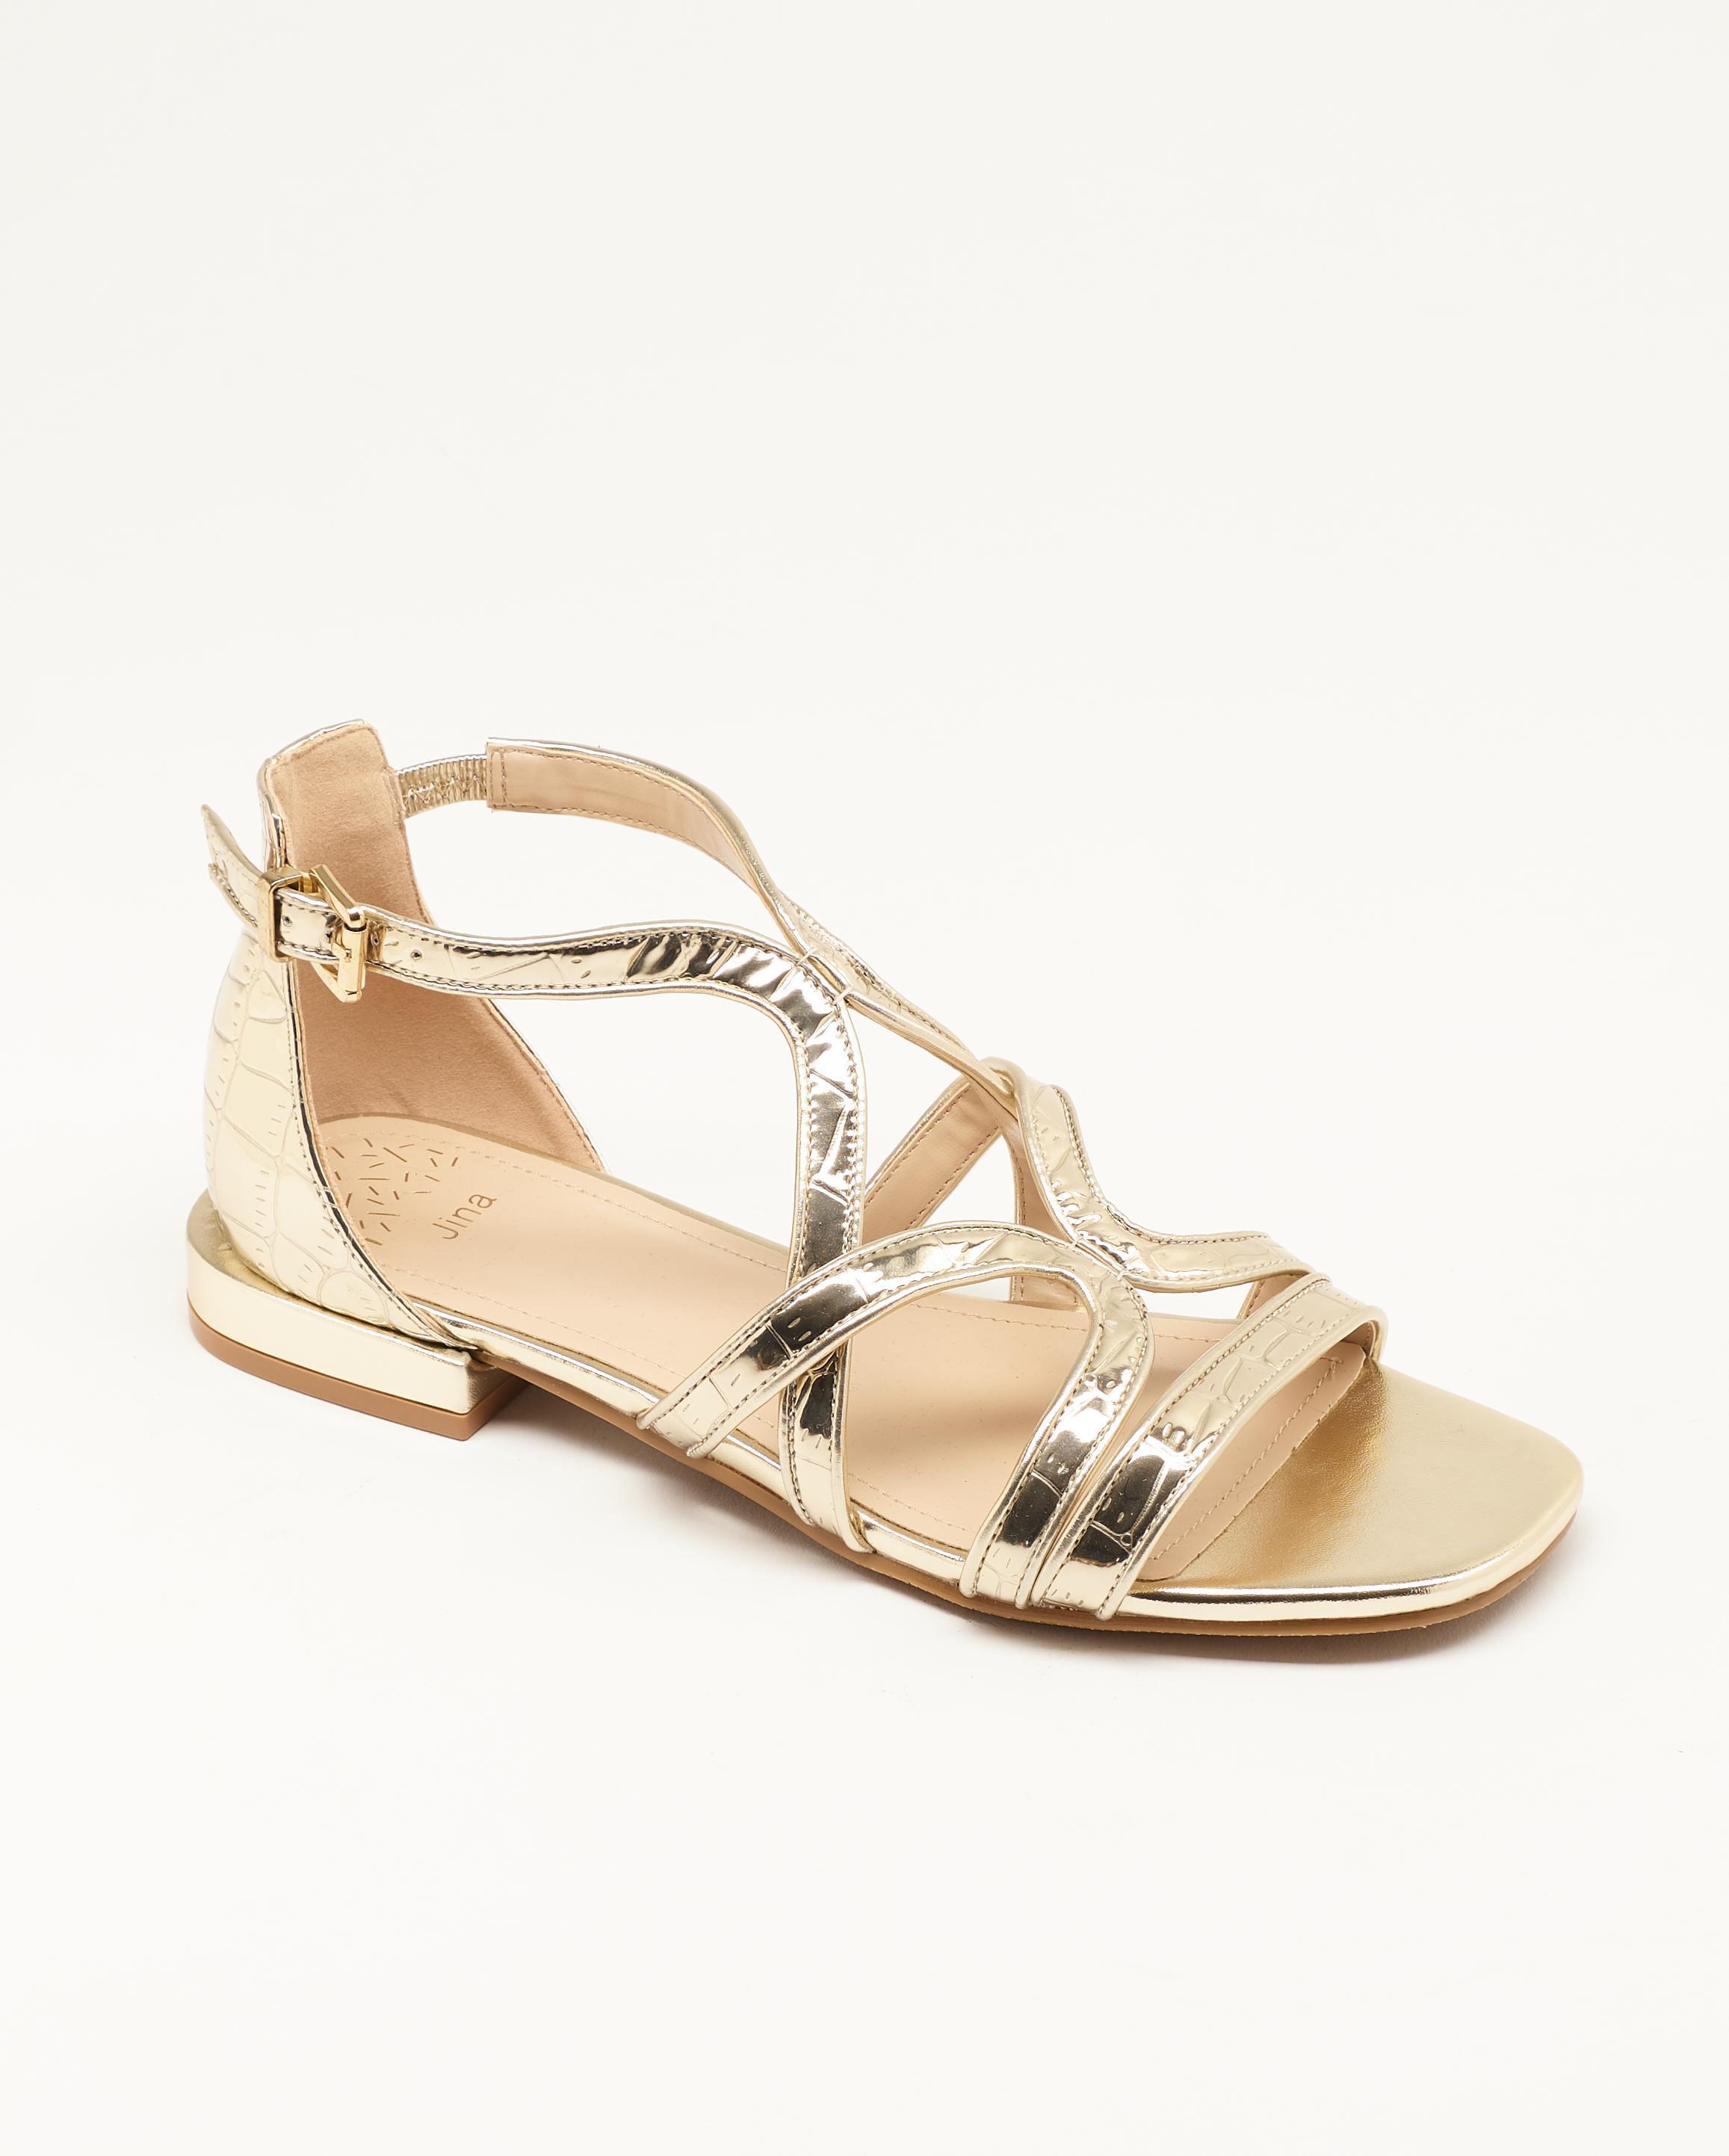 Sandales Plates Femme - Sandale Plate Or Jina - Ls1793g-88